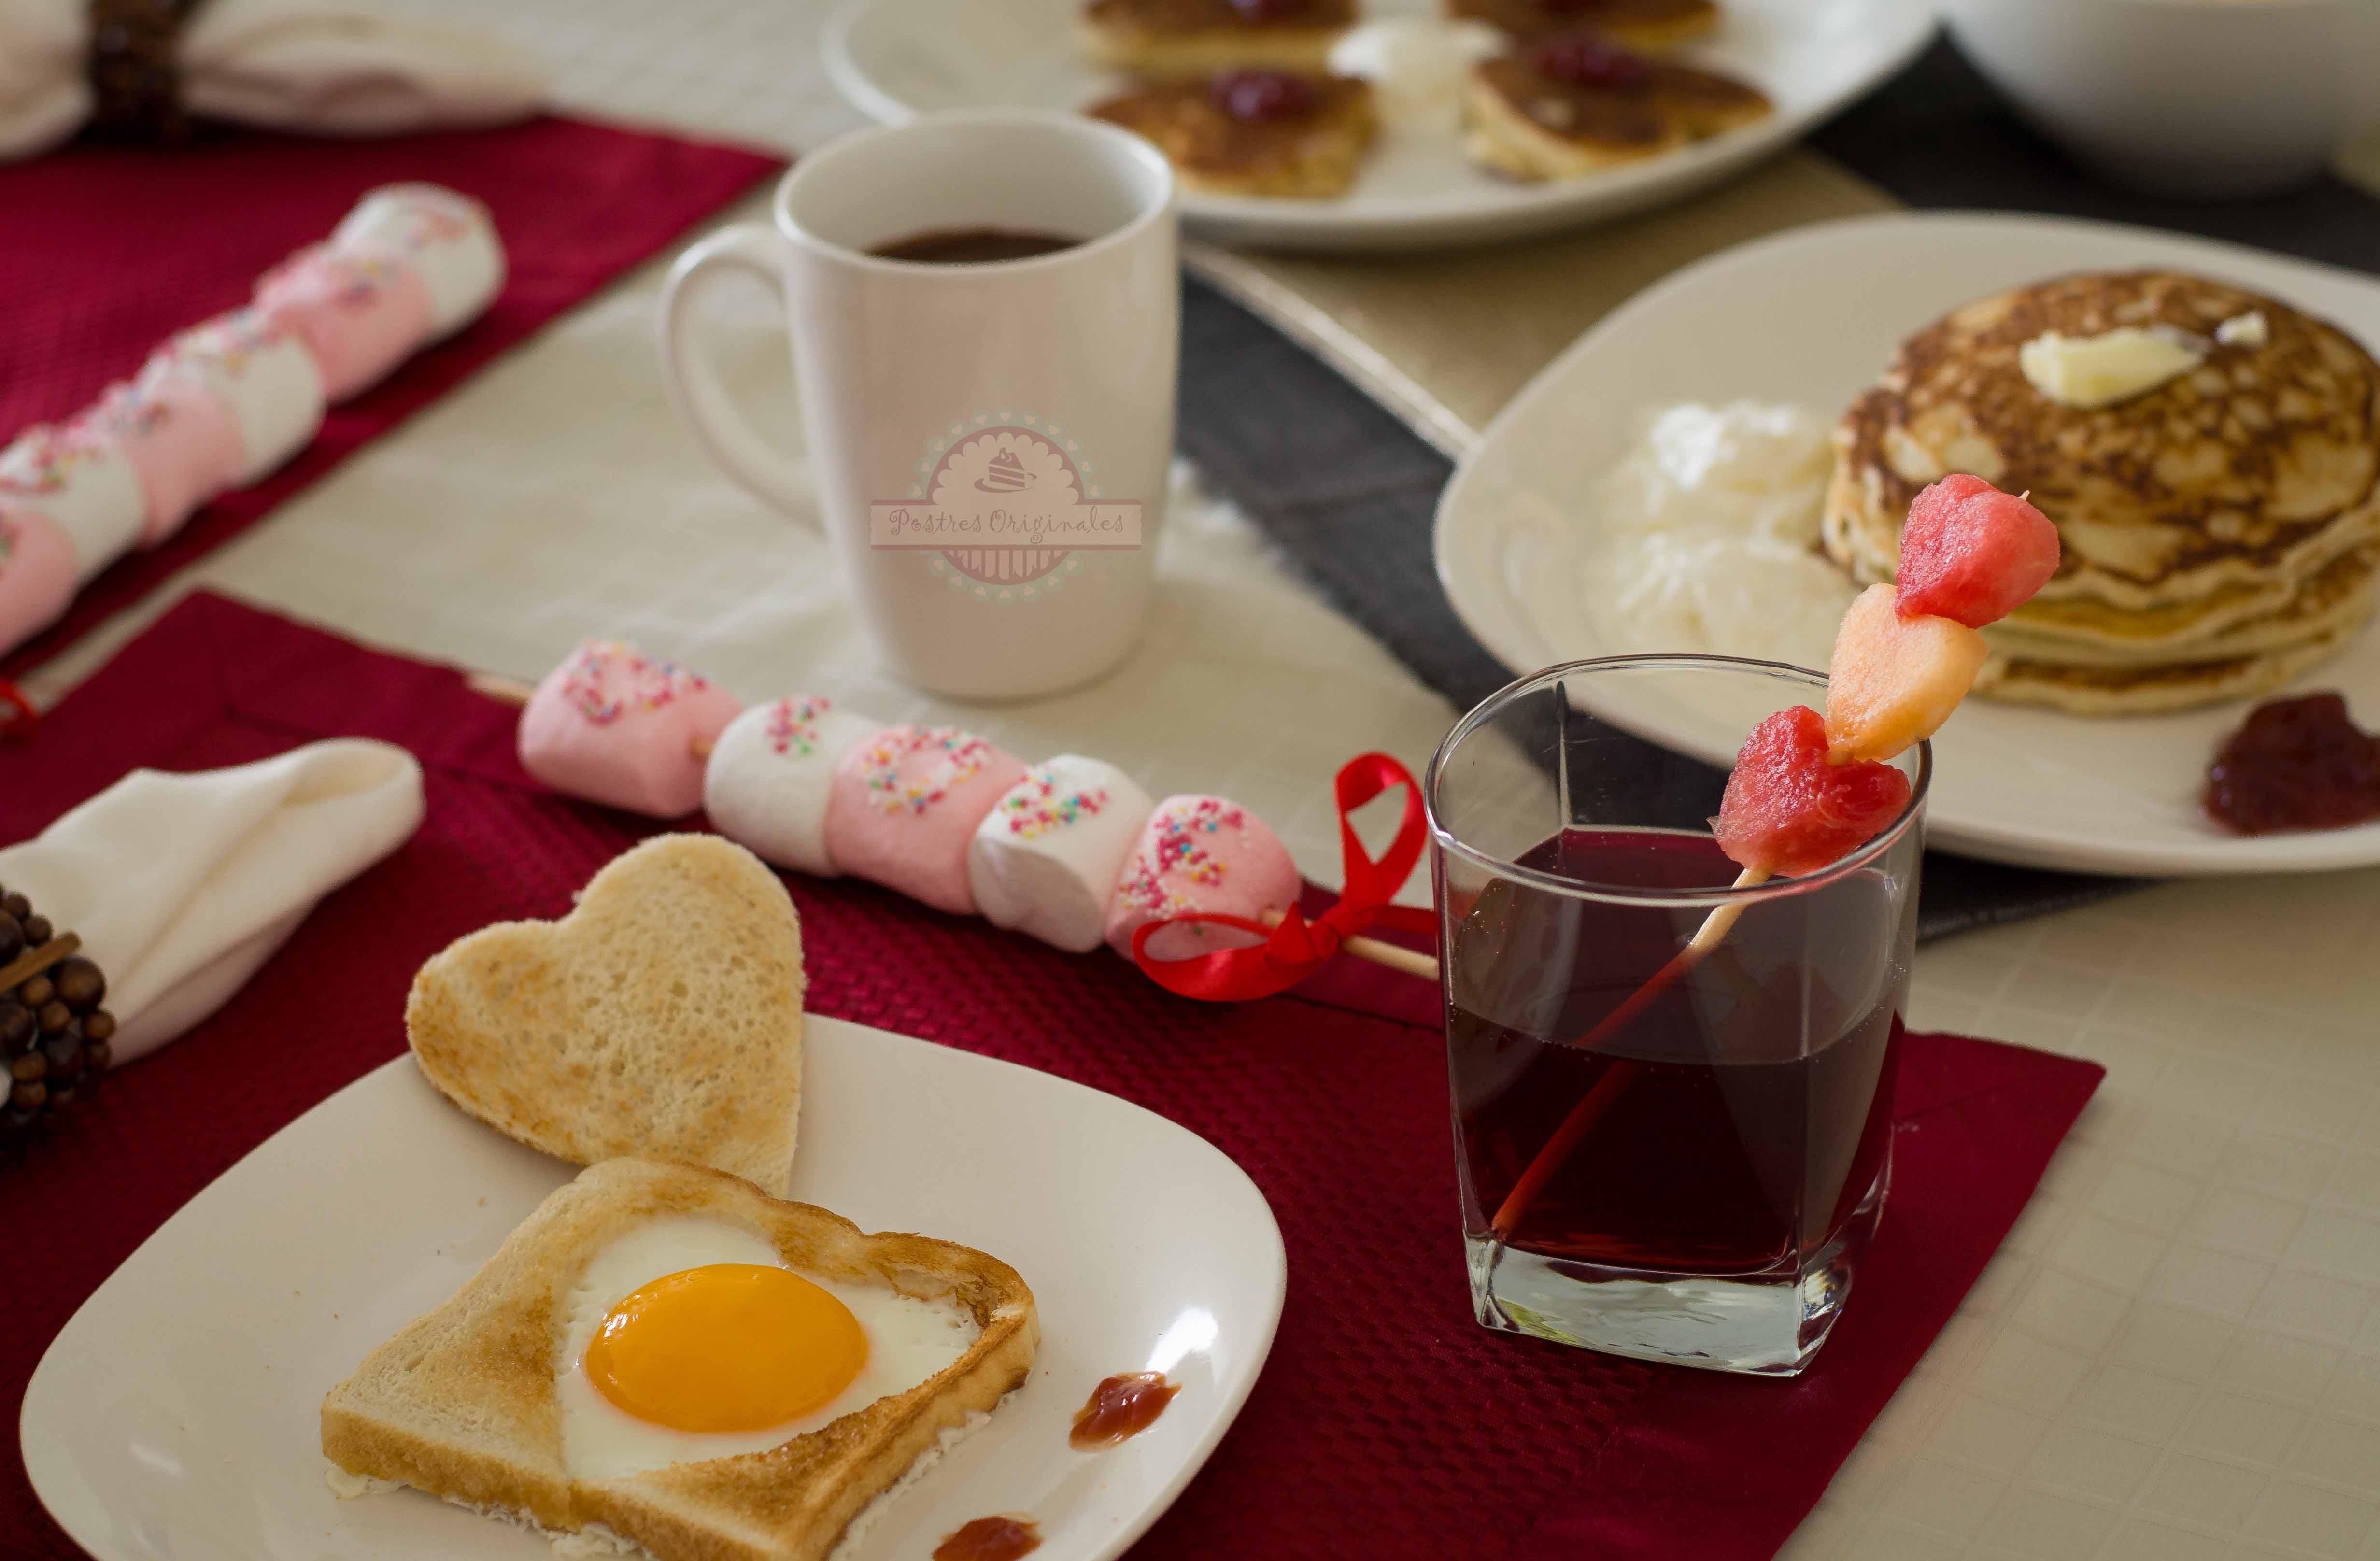 Desayuno para enamorar muy especial postres originales - Preparar desayuno romantico ...